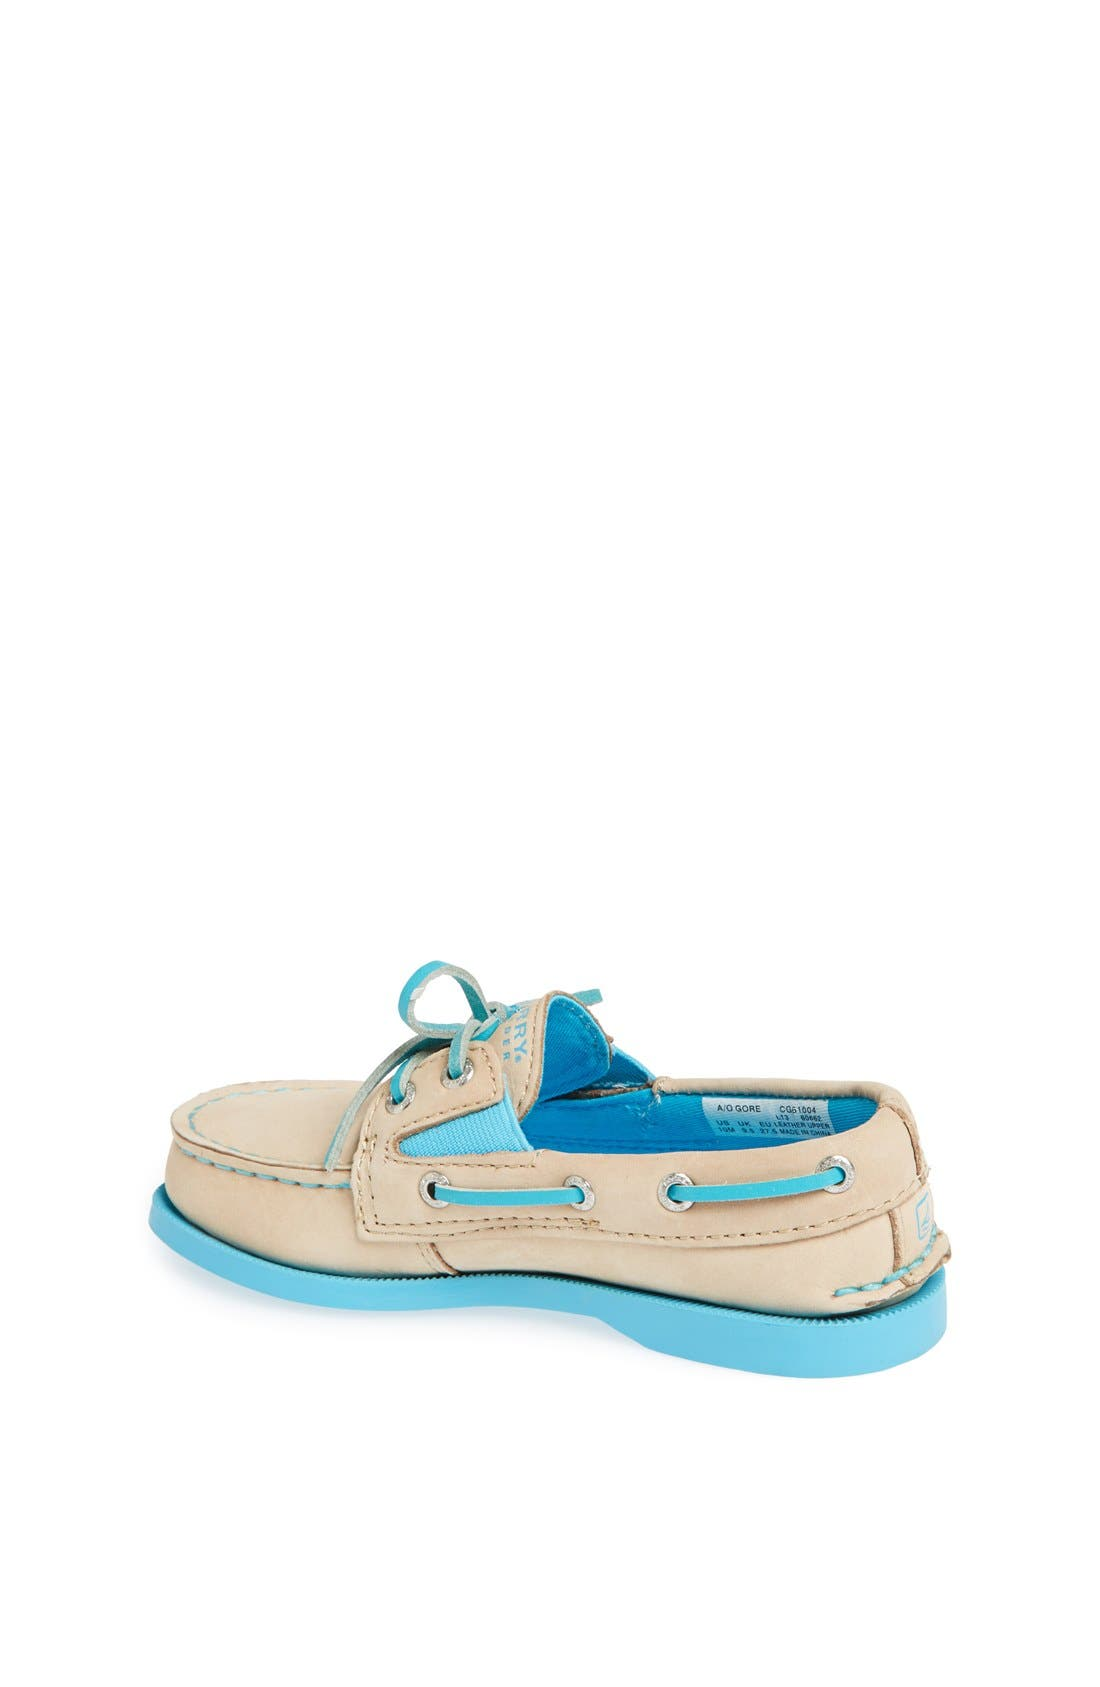 Alternate Image 2  - Sperry Top-Sider® Kids 'Authentic Original' Boat Shoe (Walker, Toddler, Little Kid & Big Kid)